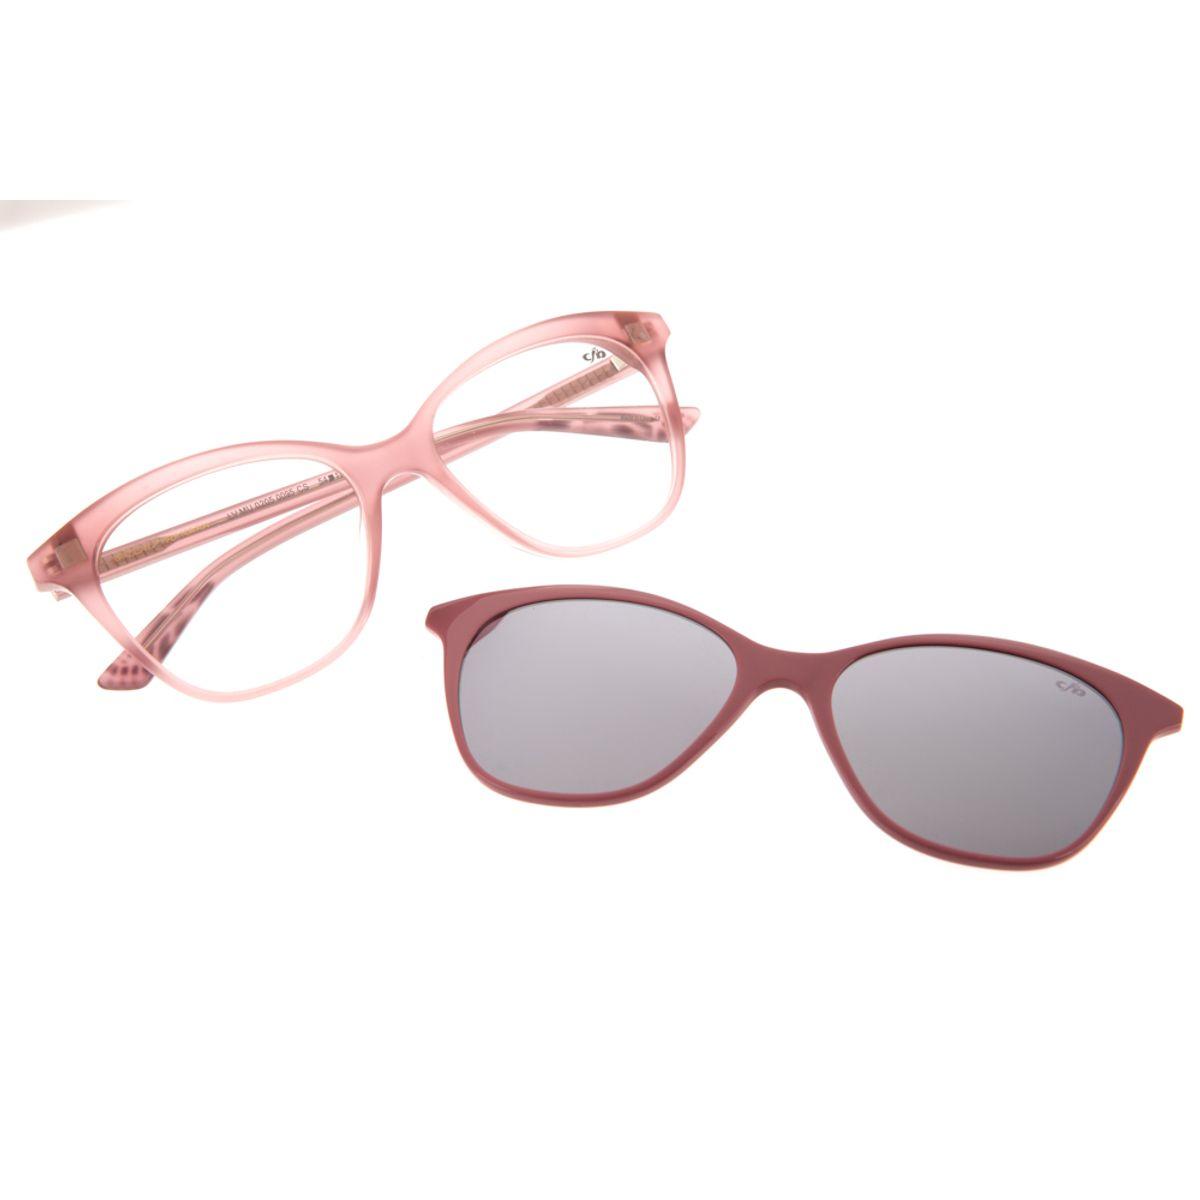 41aef479b Armação para Óculos de Grau Chilli Beans Feminino Multi Clip On ...